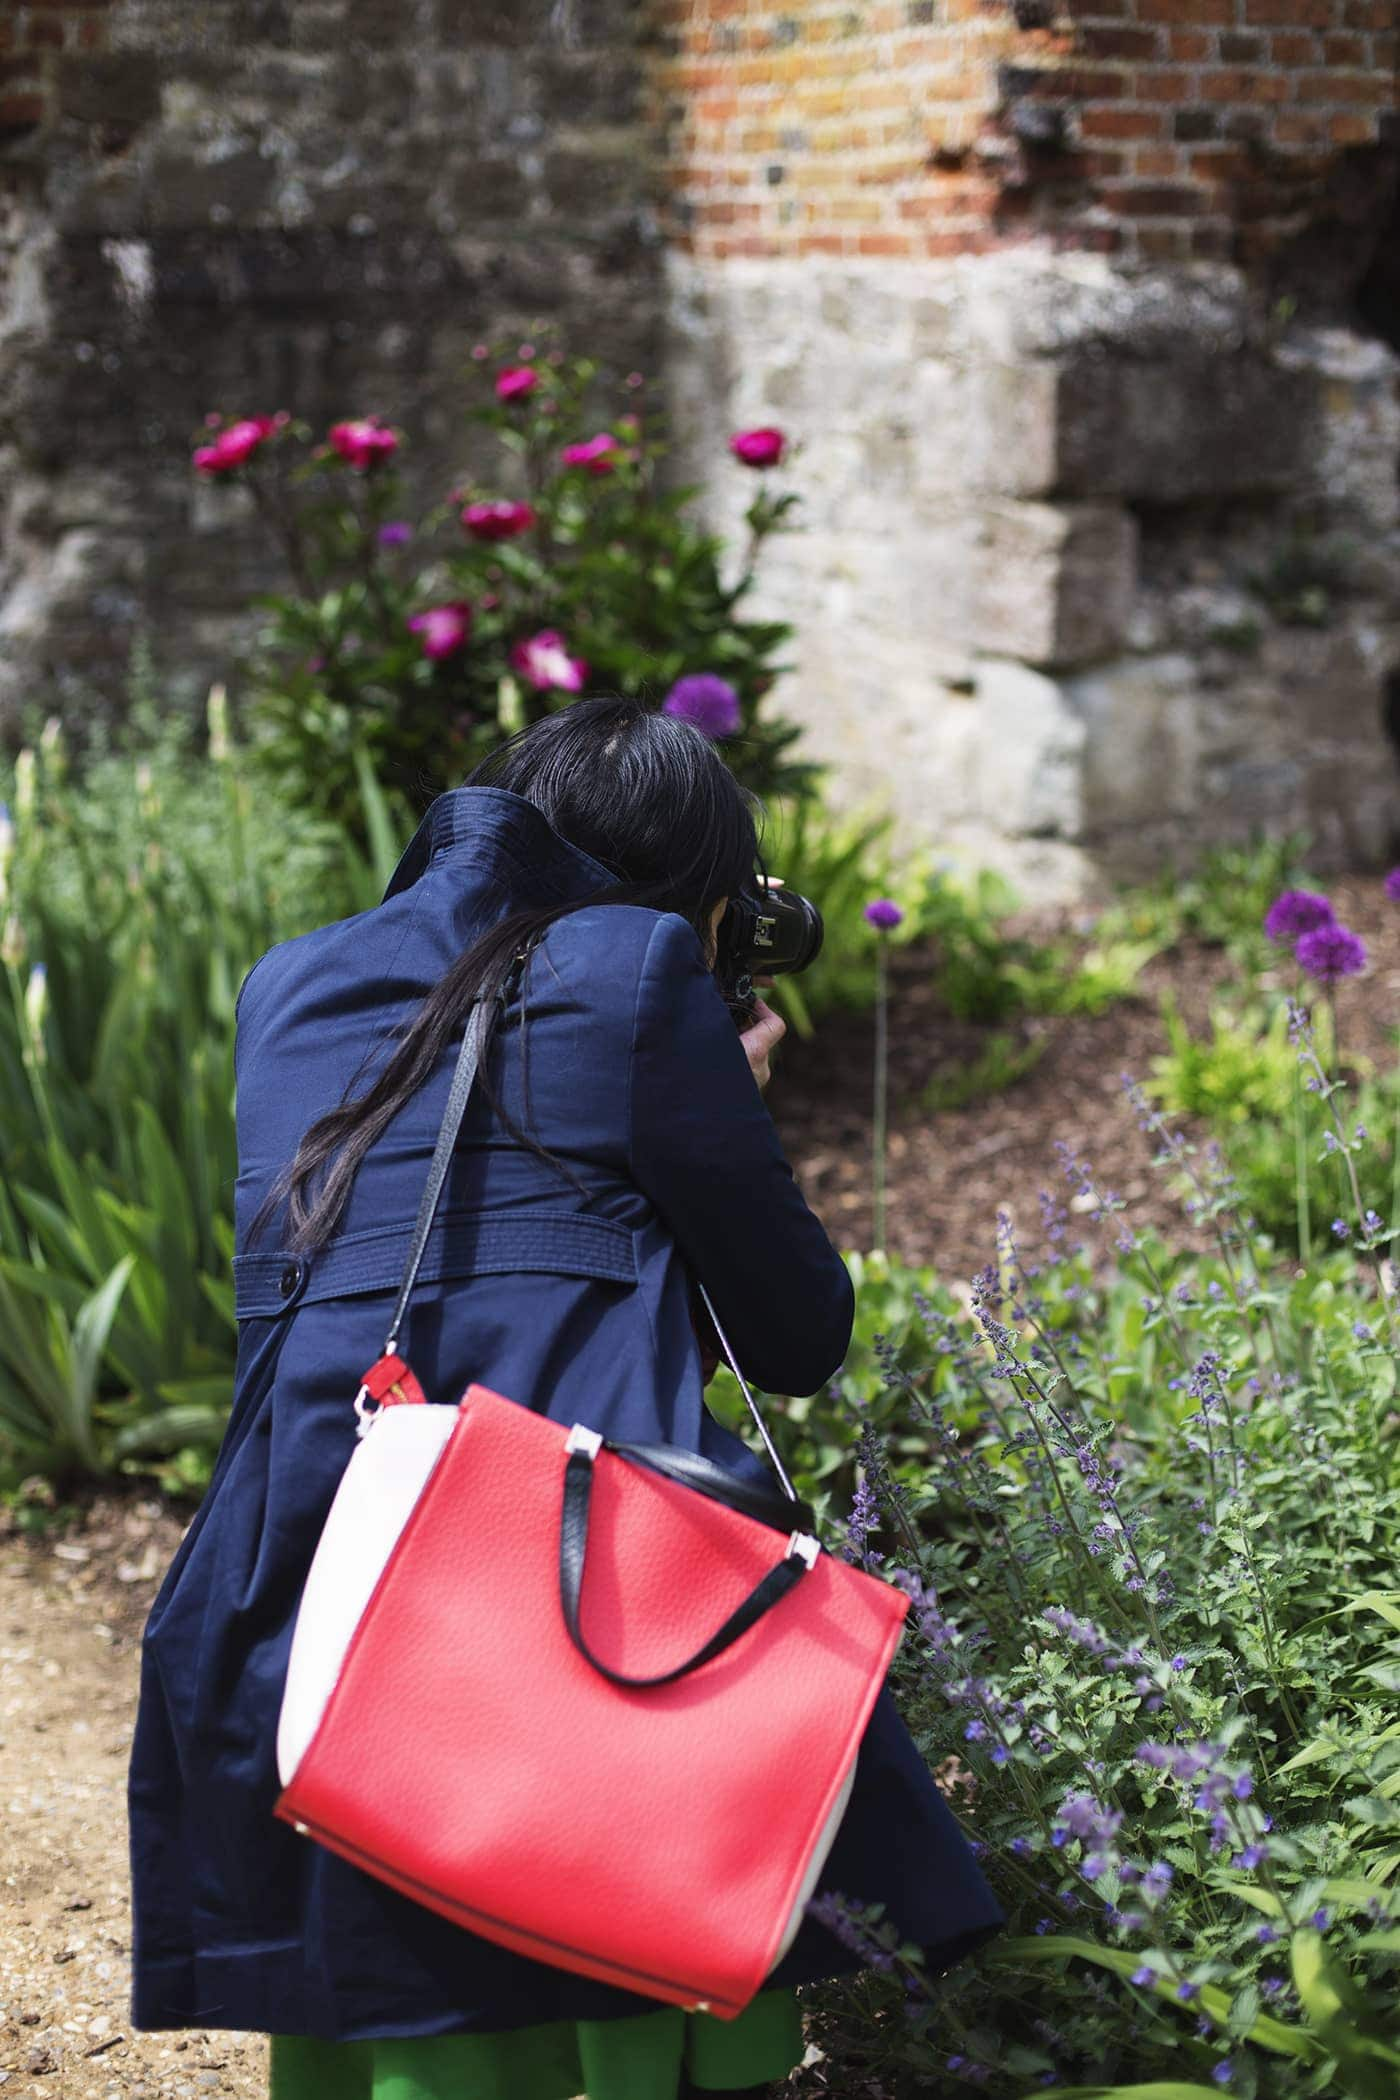 The White Company summer entertaining | Eltham palace gardens